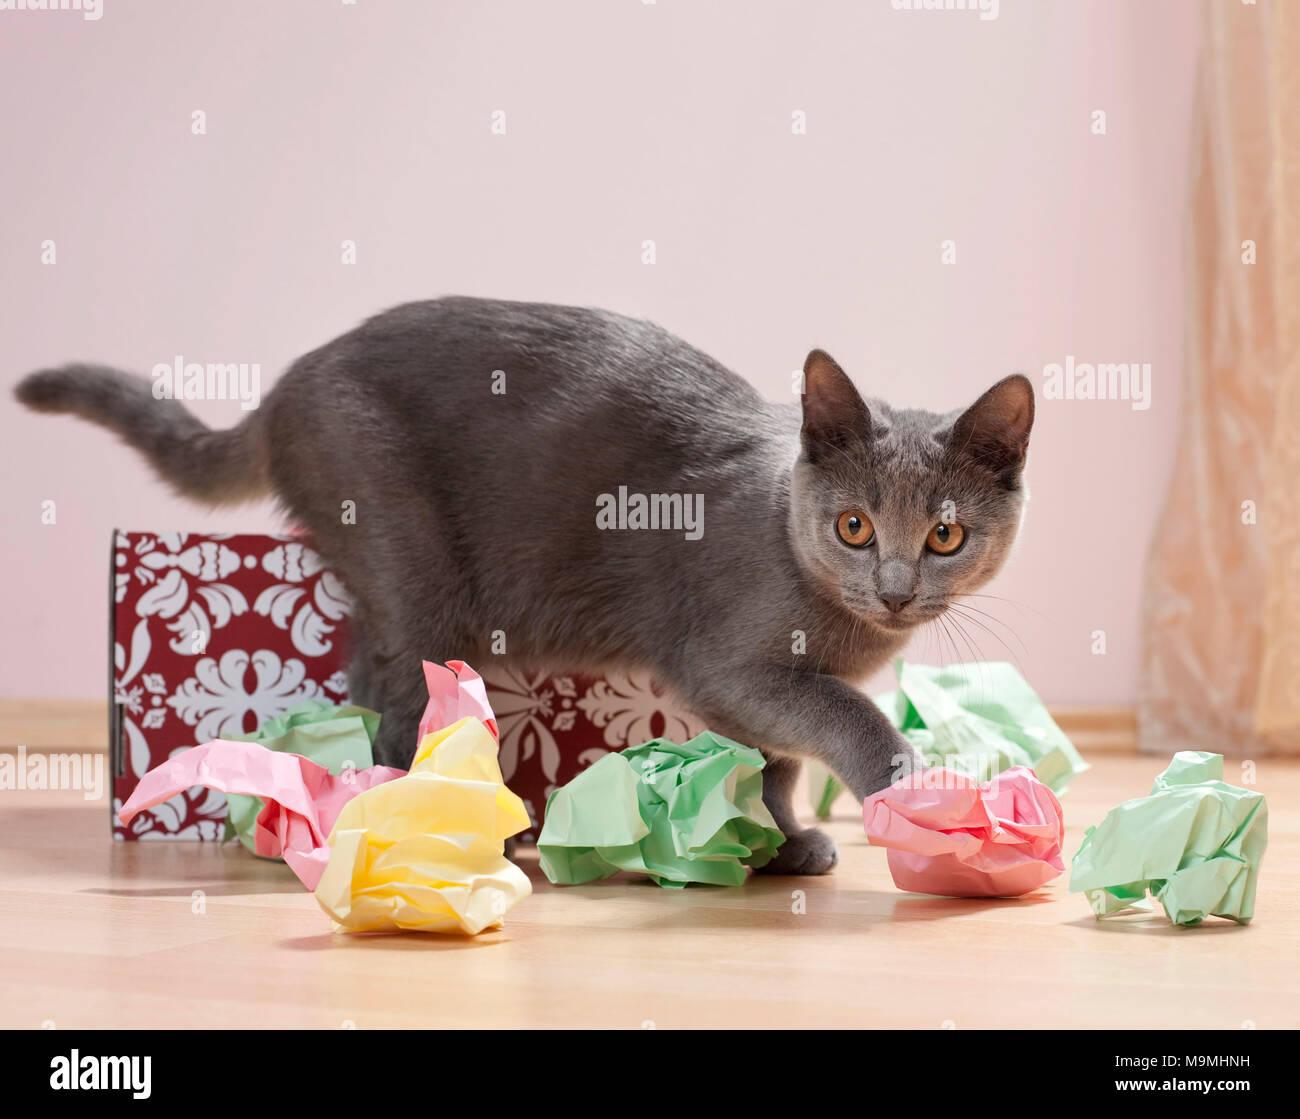 chartreux katze k tzchen spielen mit einer schachtel mit papier gef llt feines spielzeug f r. Black Bedroom Furniture Sets. Home Design Ideas